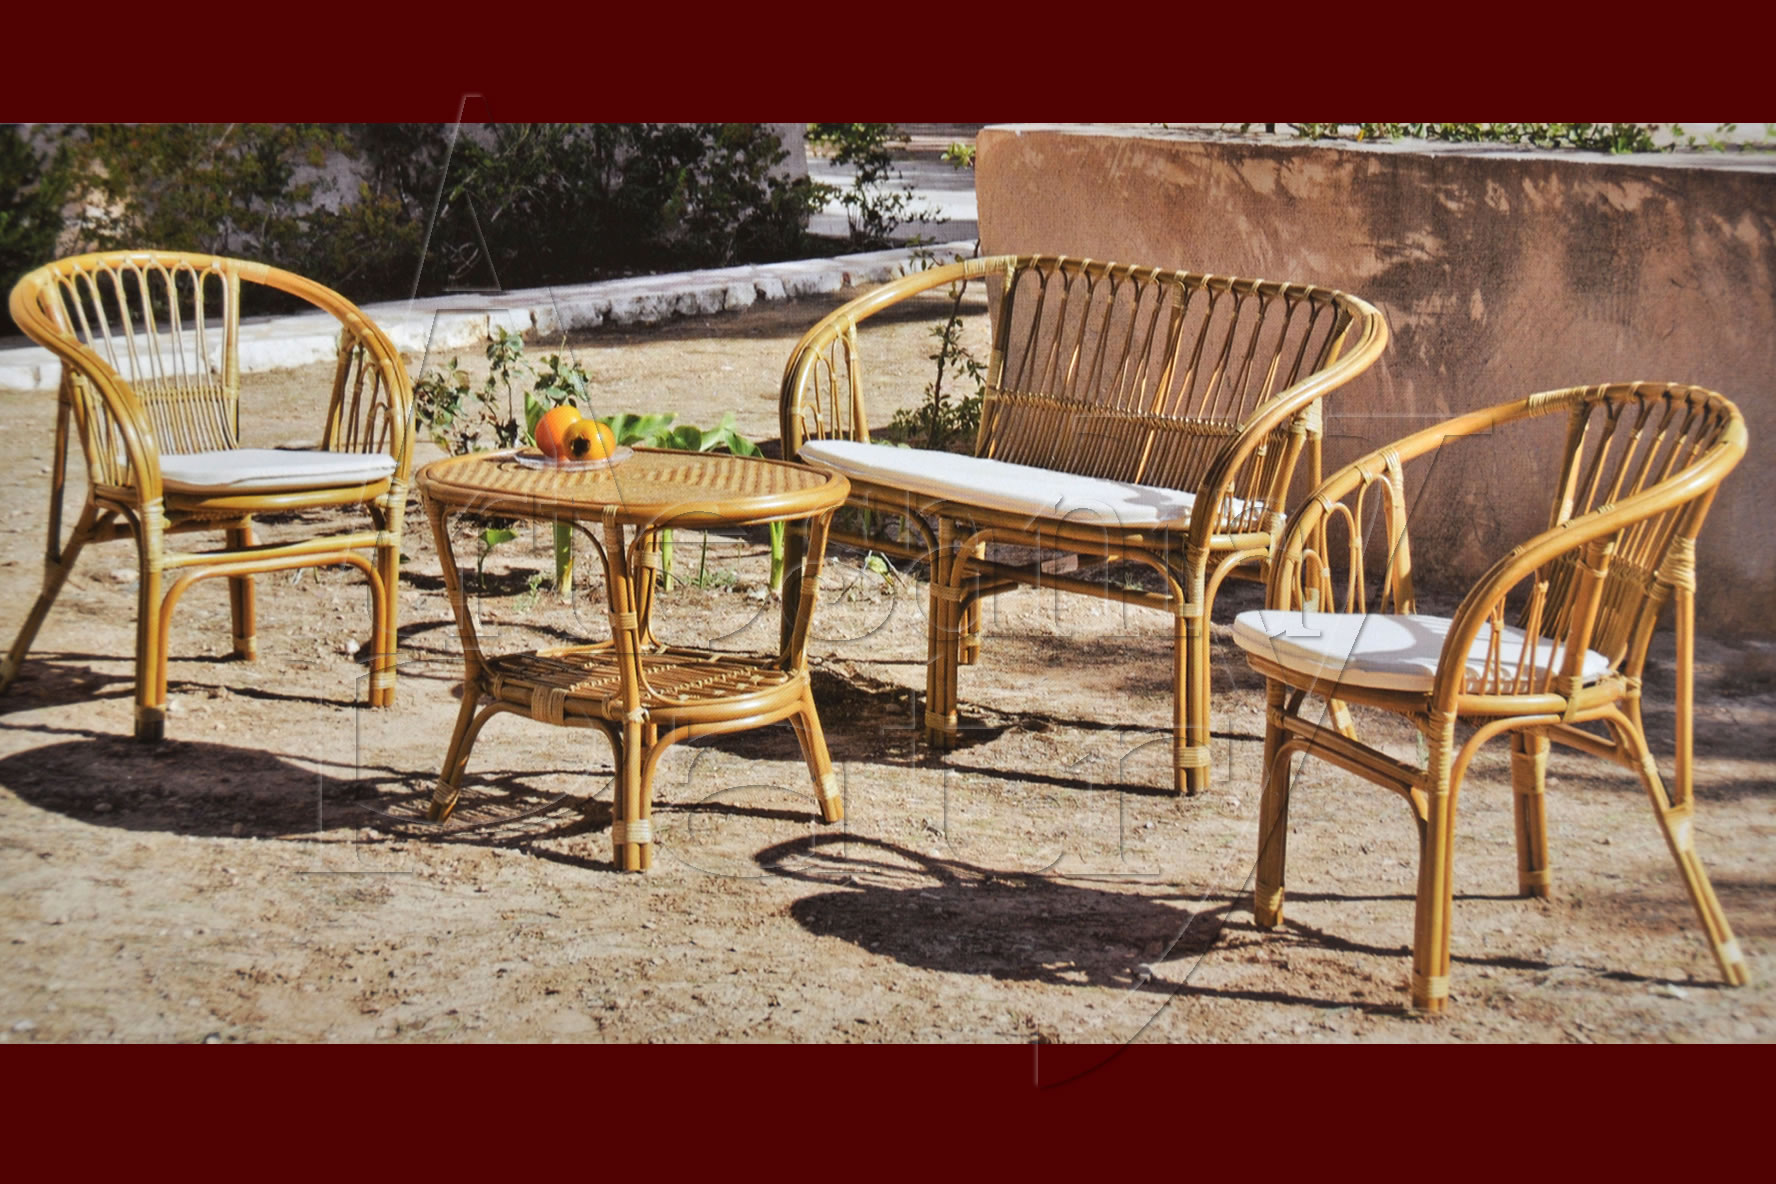 Muebles de exterior madera mimbre junco - Muebles exterior madera ...